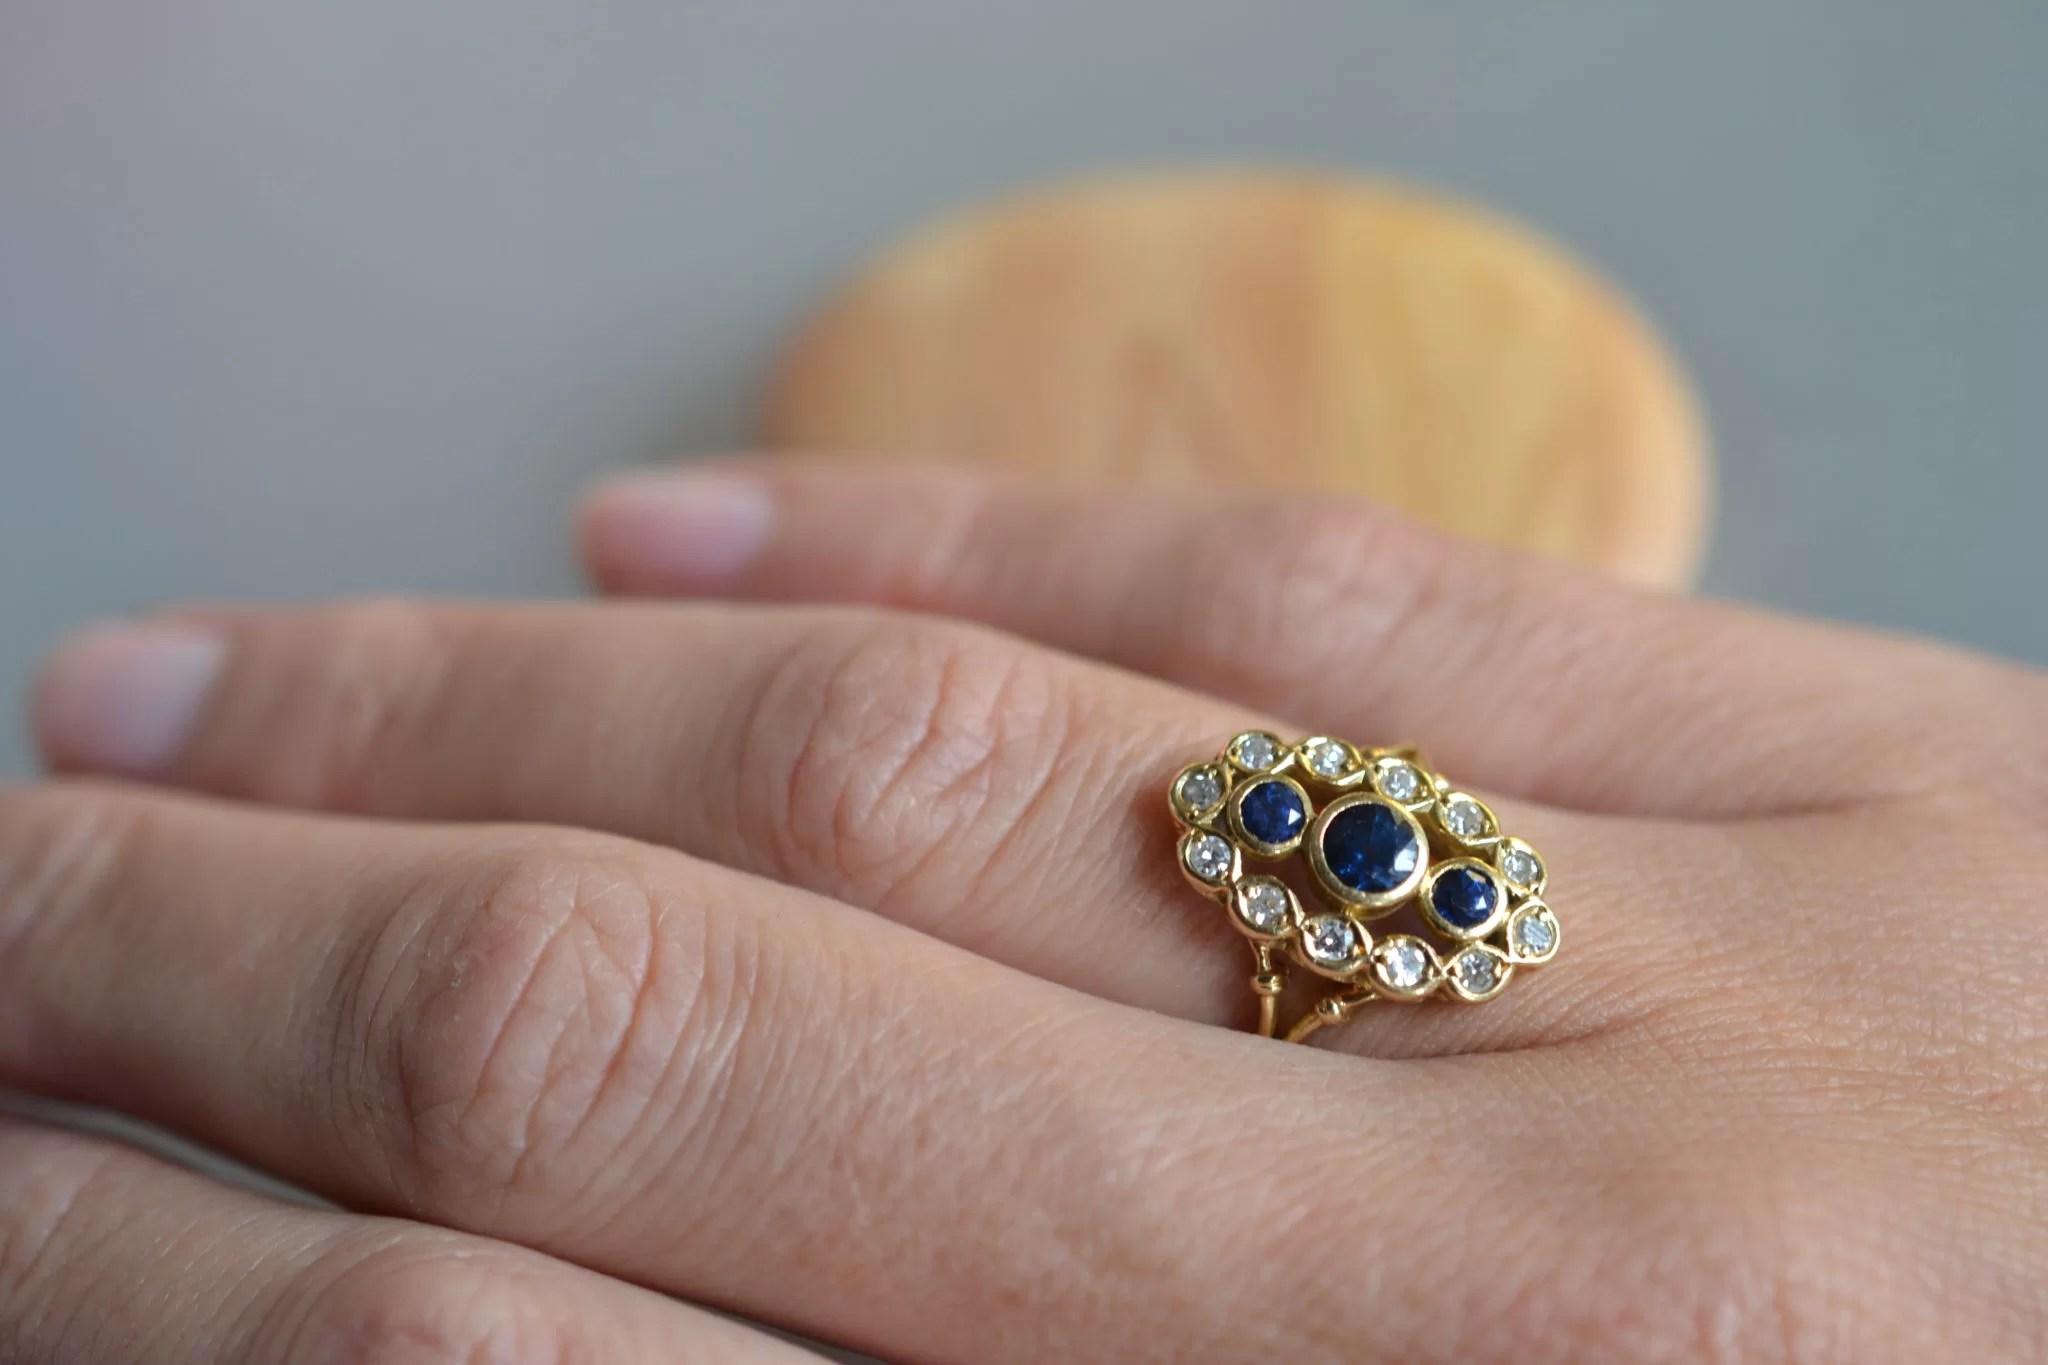 bague marquise saphir et diamants - en OR 18 carats 750:1000 - bague de fiançailles ancienne - bijou pour mariage ethique